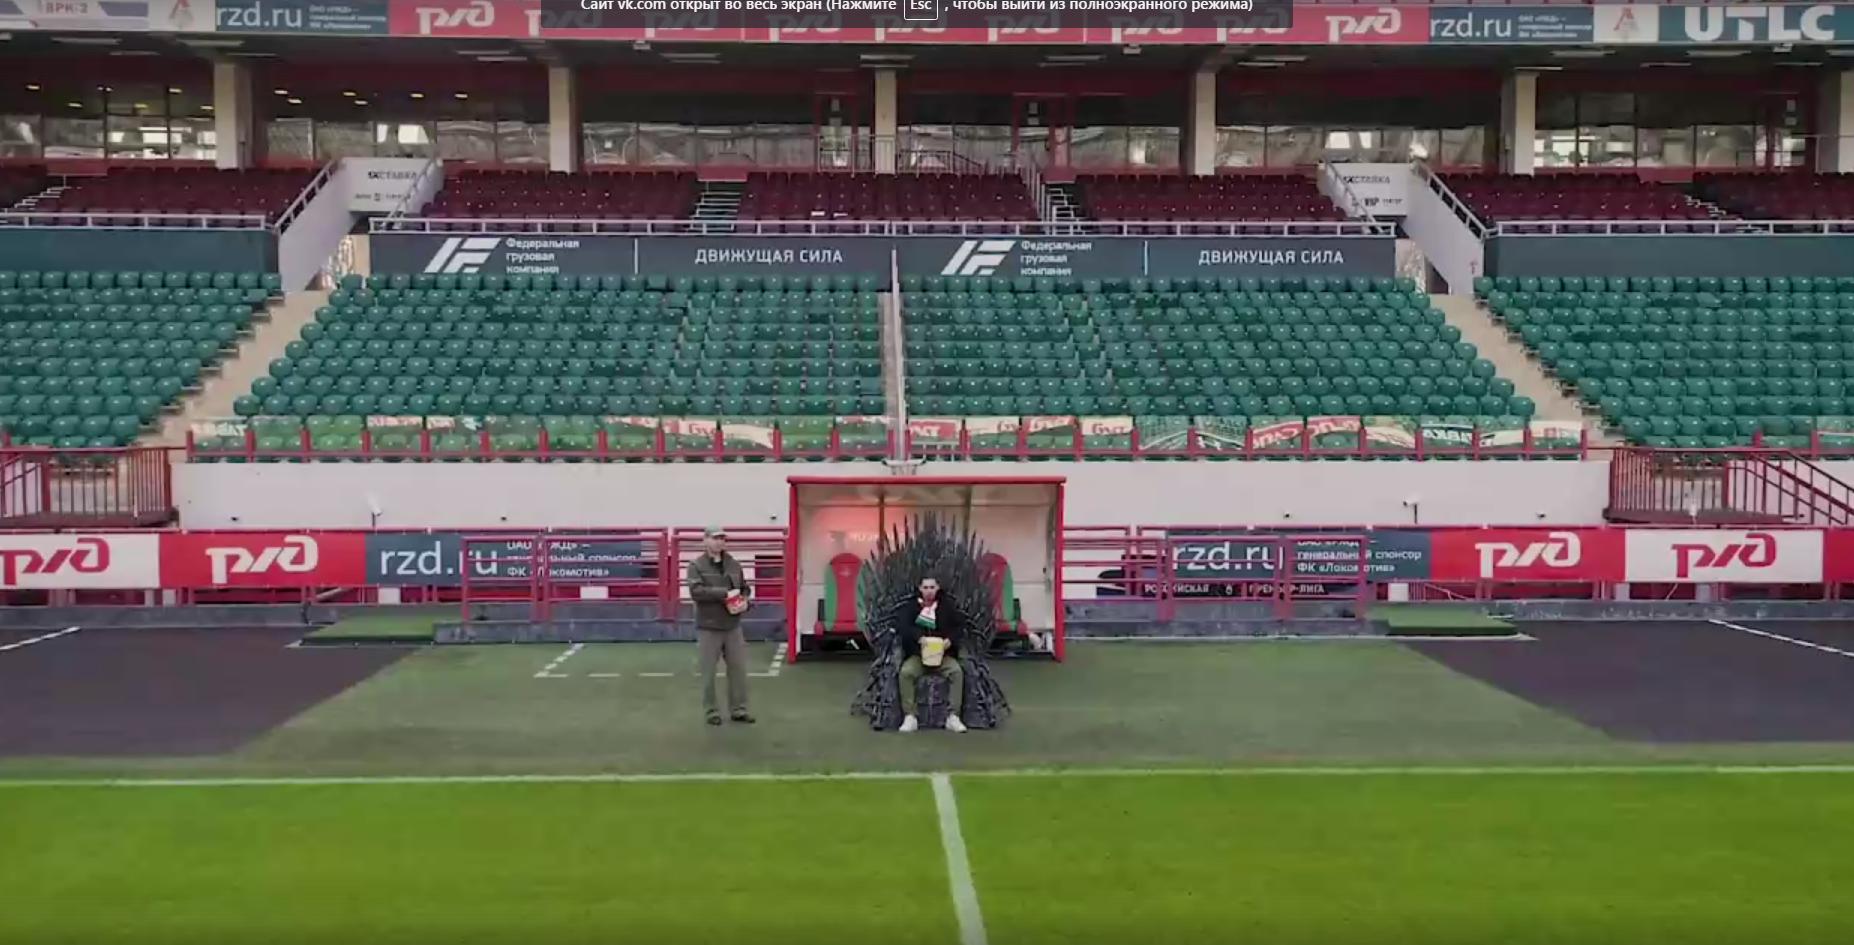 «Амедиатека» покажет финальный эпизод на московском стадионе «РЖД Арена»